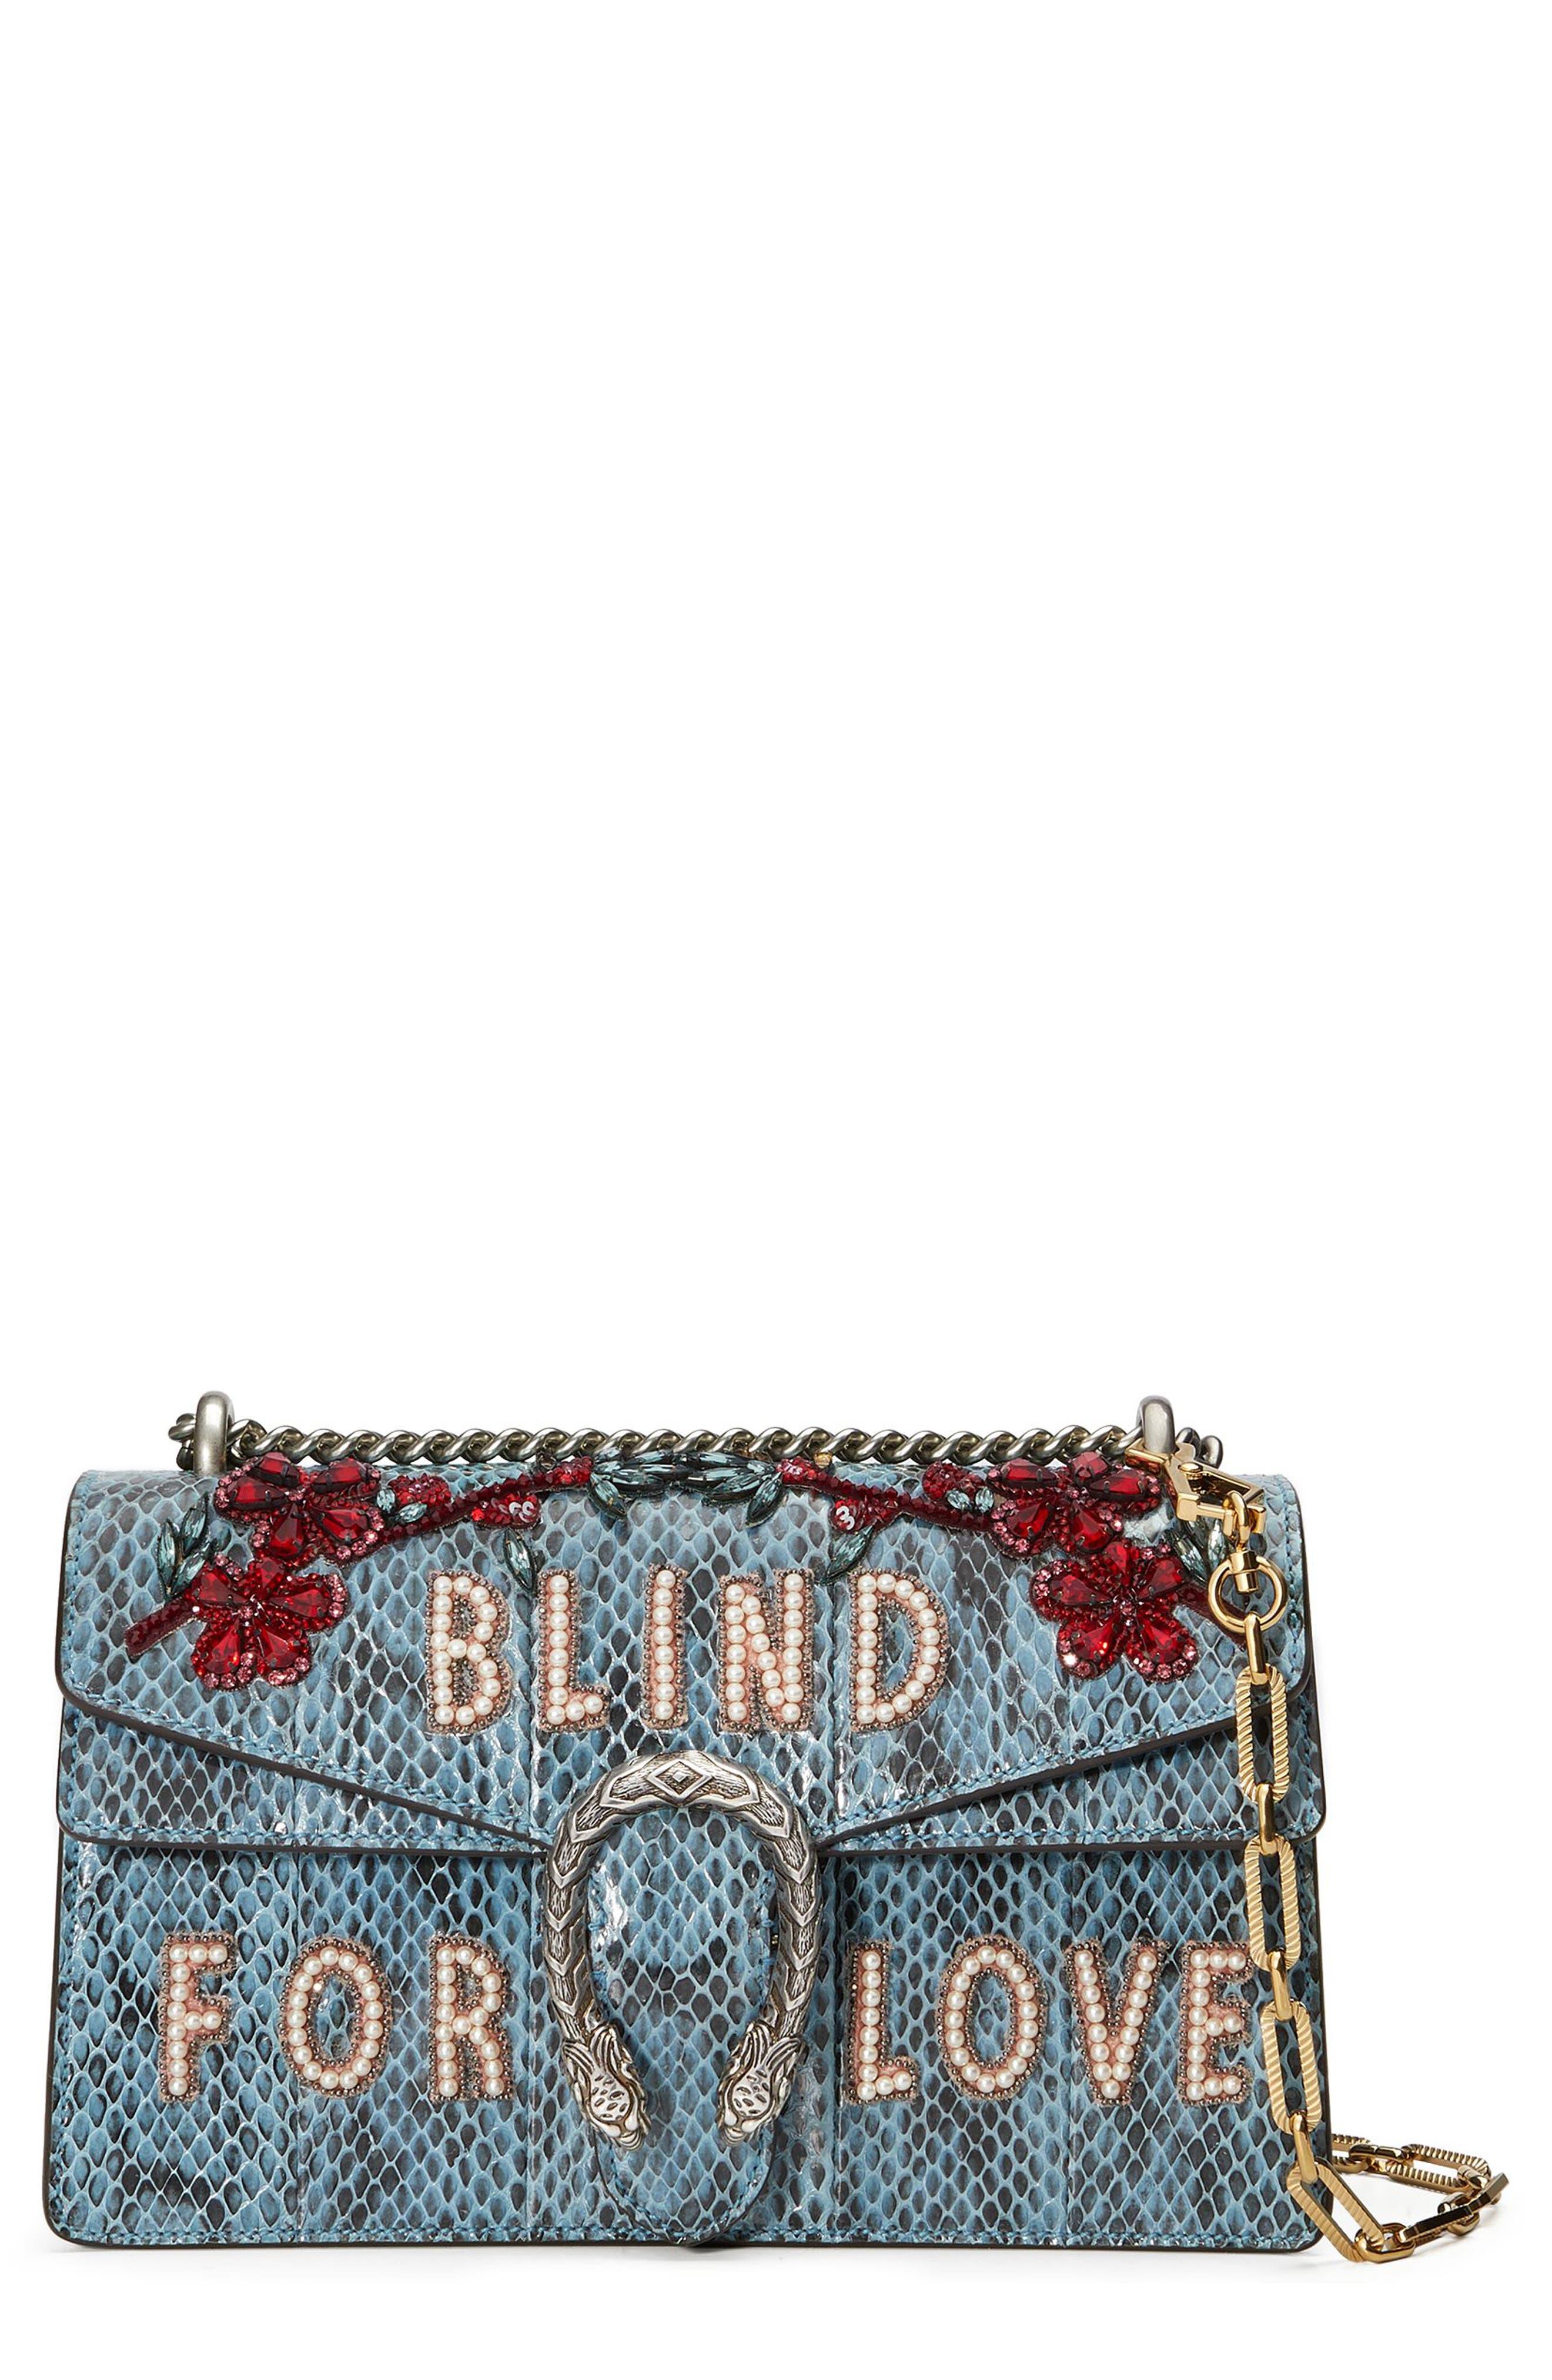 Main Image - Gucci Dionysus Blind for Love Genuine Snakeskin Shoulder Bag